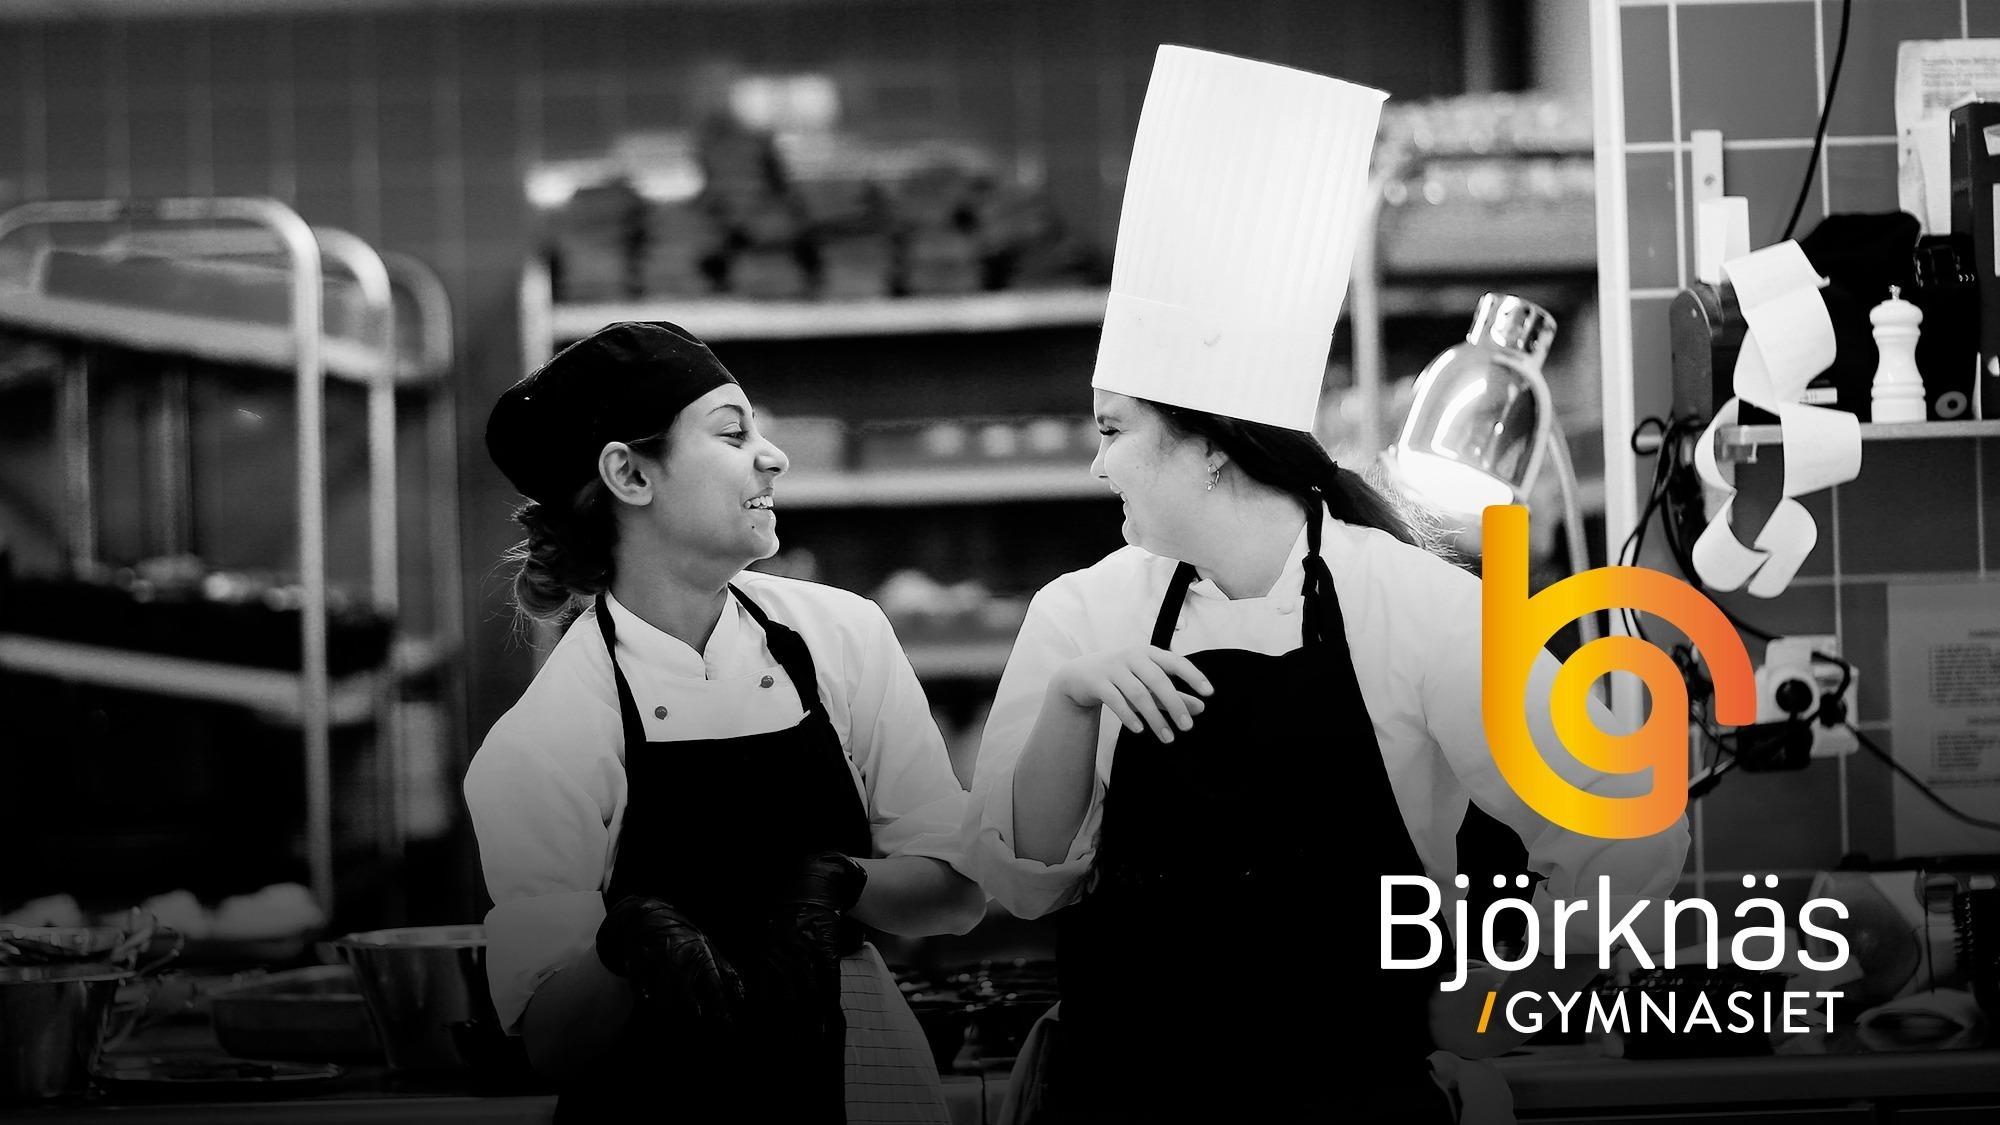 Två tjejer som går restaurang och livsprogrammet som står och skrattar i kockkläder i köket. Grafik med Björknäsgymnasiets logotyp.